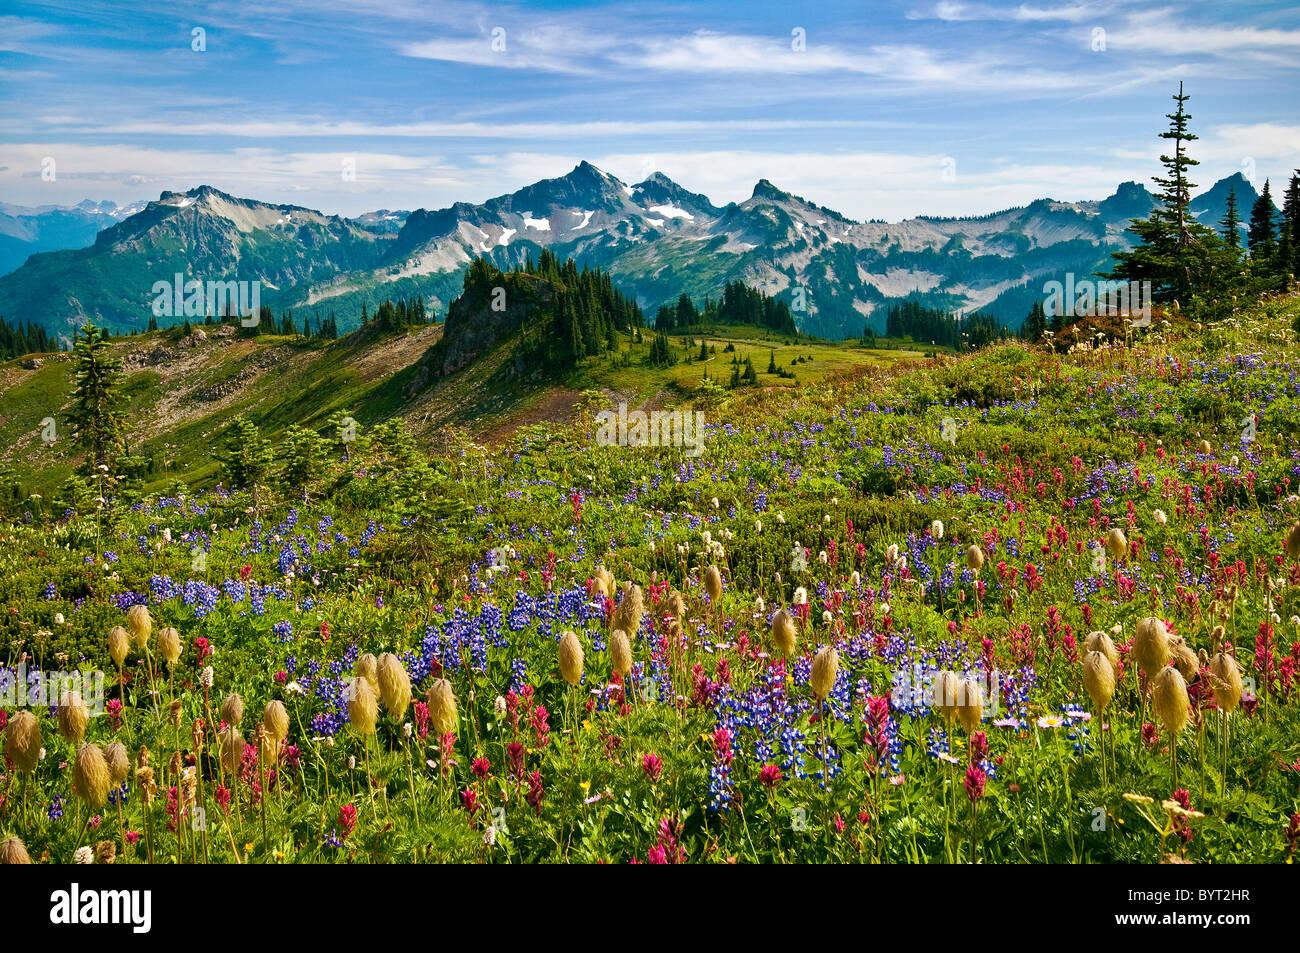 Wildblumen Wiese und Blick auf Tatoosh Range vom Skyline Trail im Paradies; Mount Rainier Nationalpark, Washington. Stockfoto